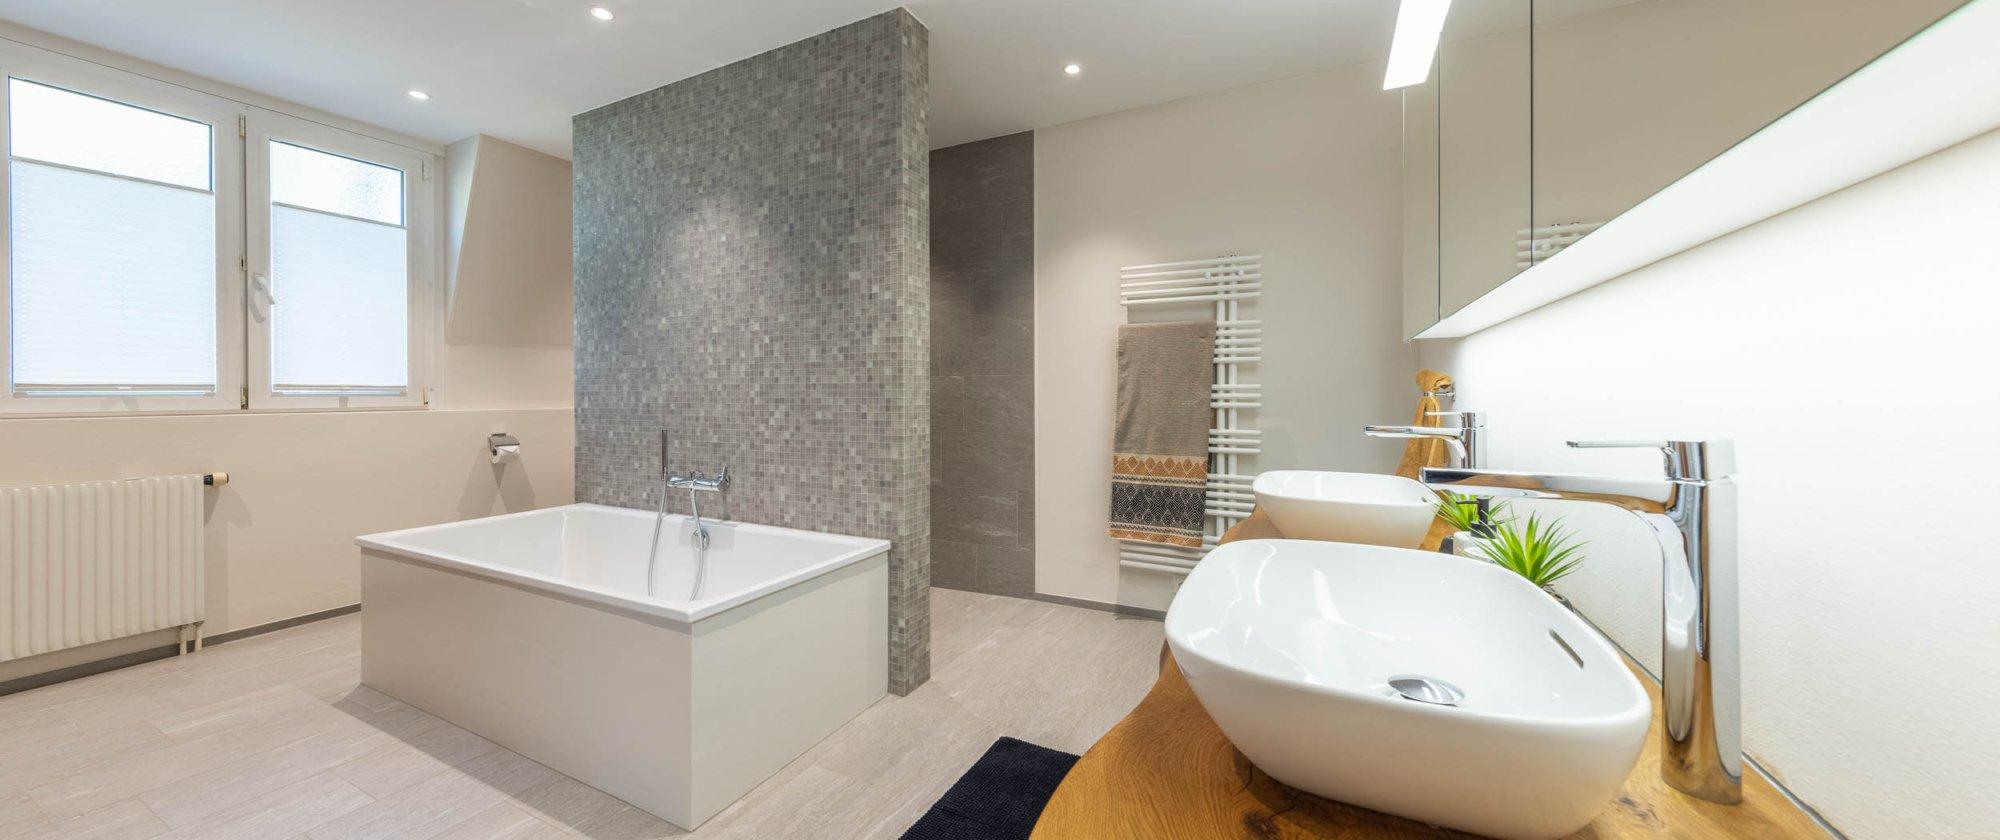 elegantes Badezimmer mit modernen Apparaten